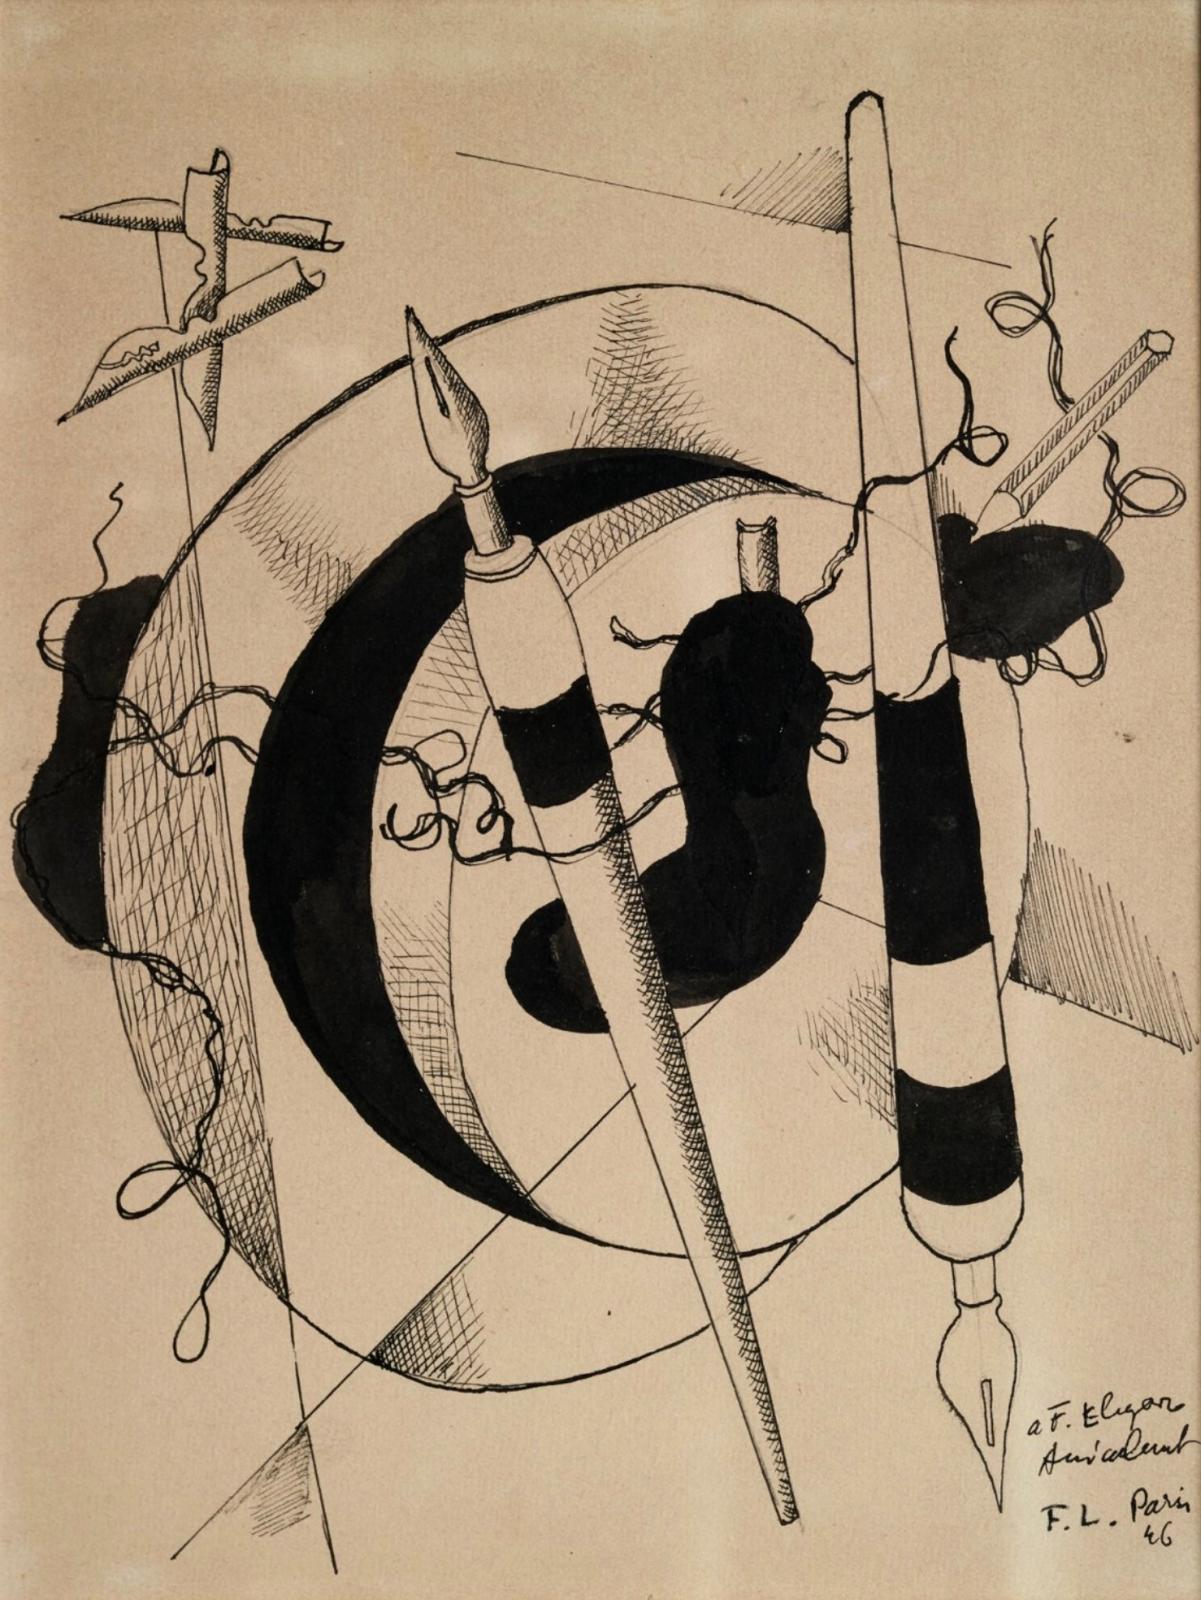 « Composition aux porte plumes et crayon » 1946Encre sur papierSignée des initiales, situé Paris et datée 46 ainsi qu'un envoi « a F. Elga